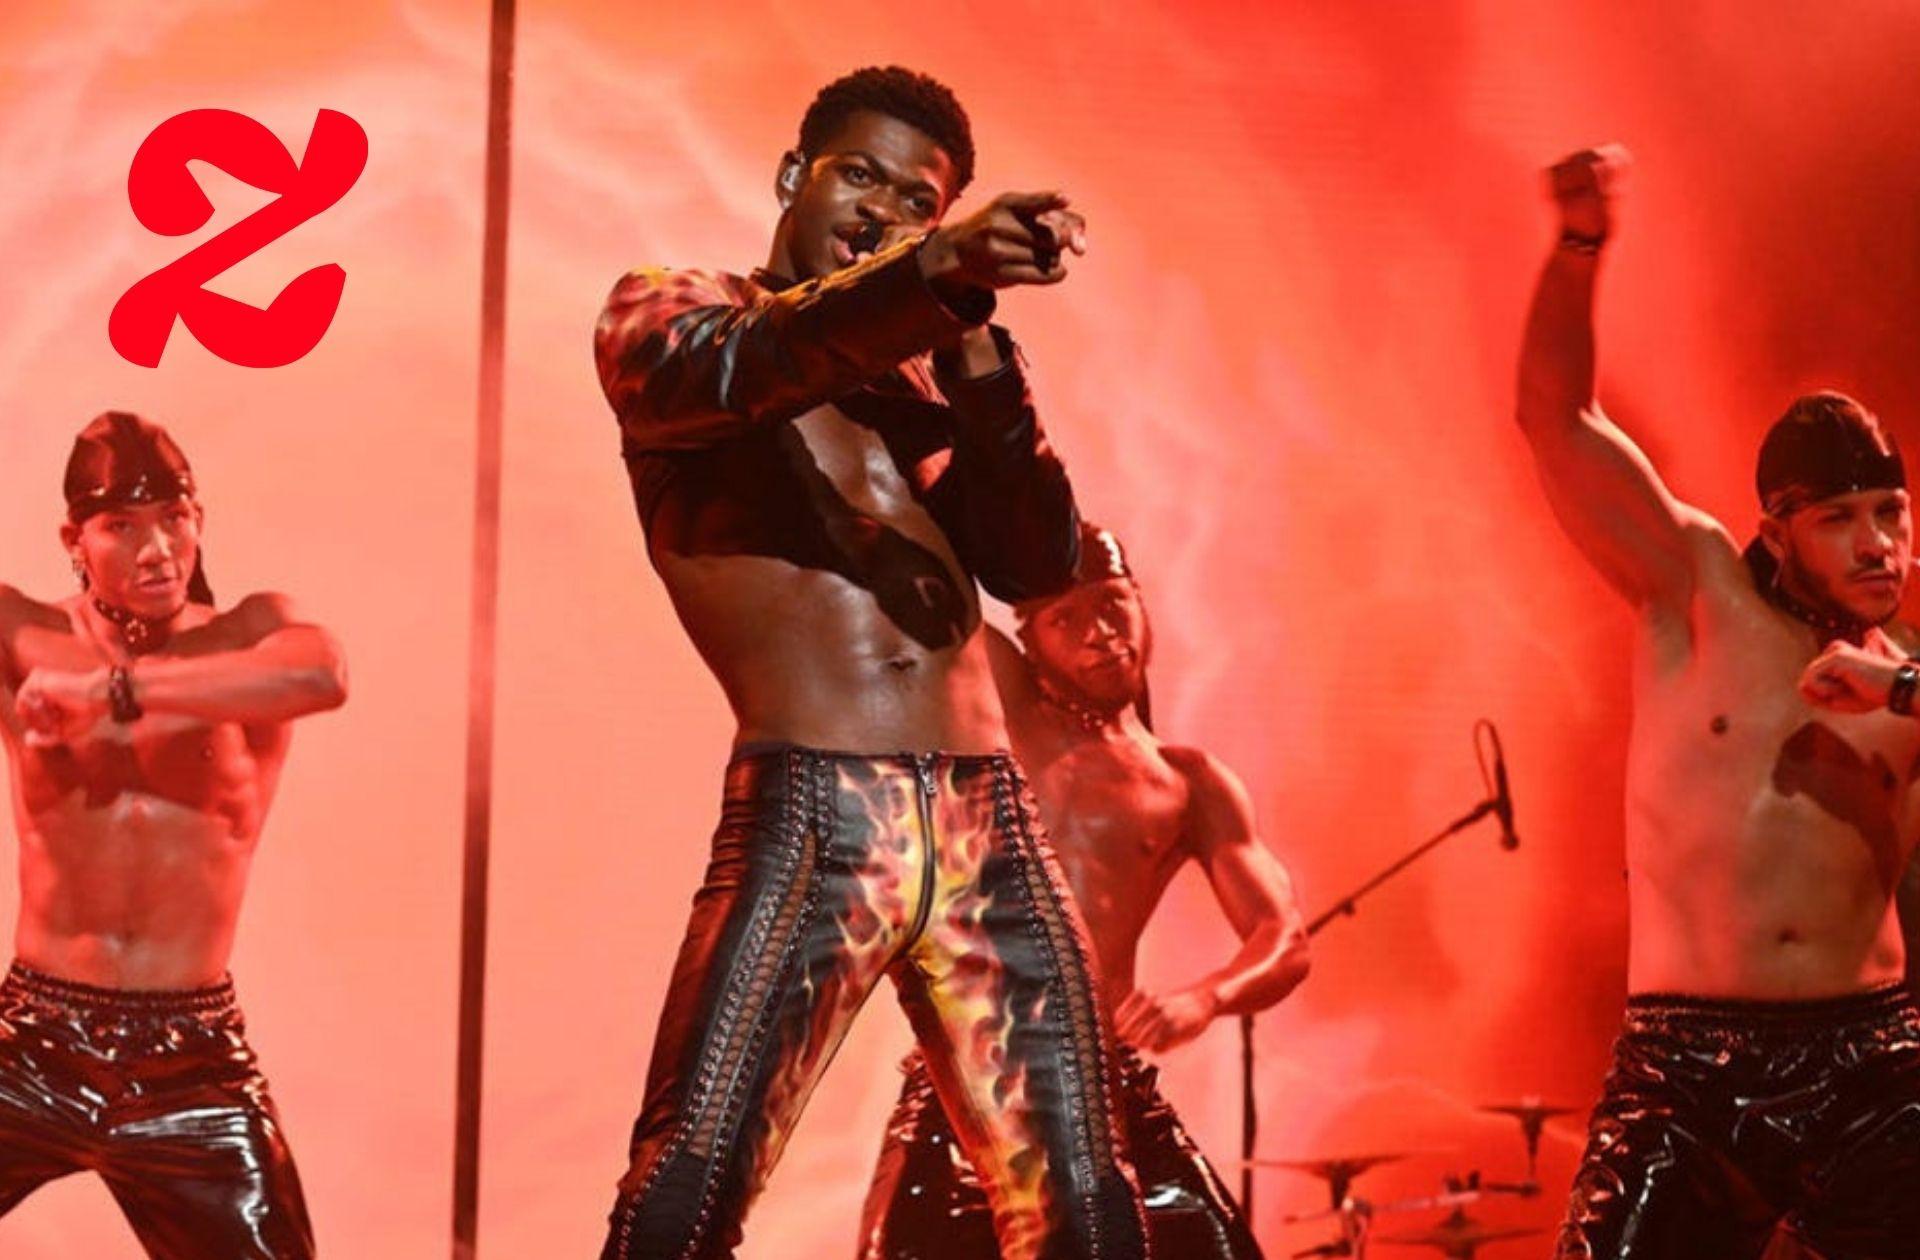 Lil Nas X explose sa braguette en direct : un air de Janet Jackson mais sans les conséquences sexistes